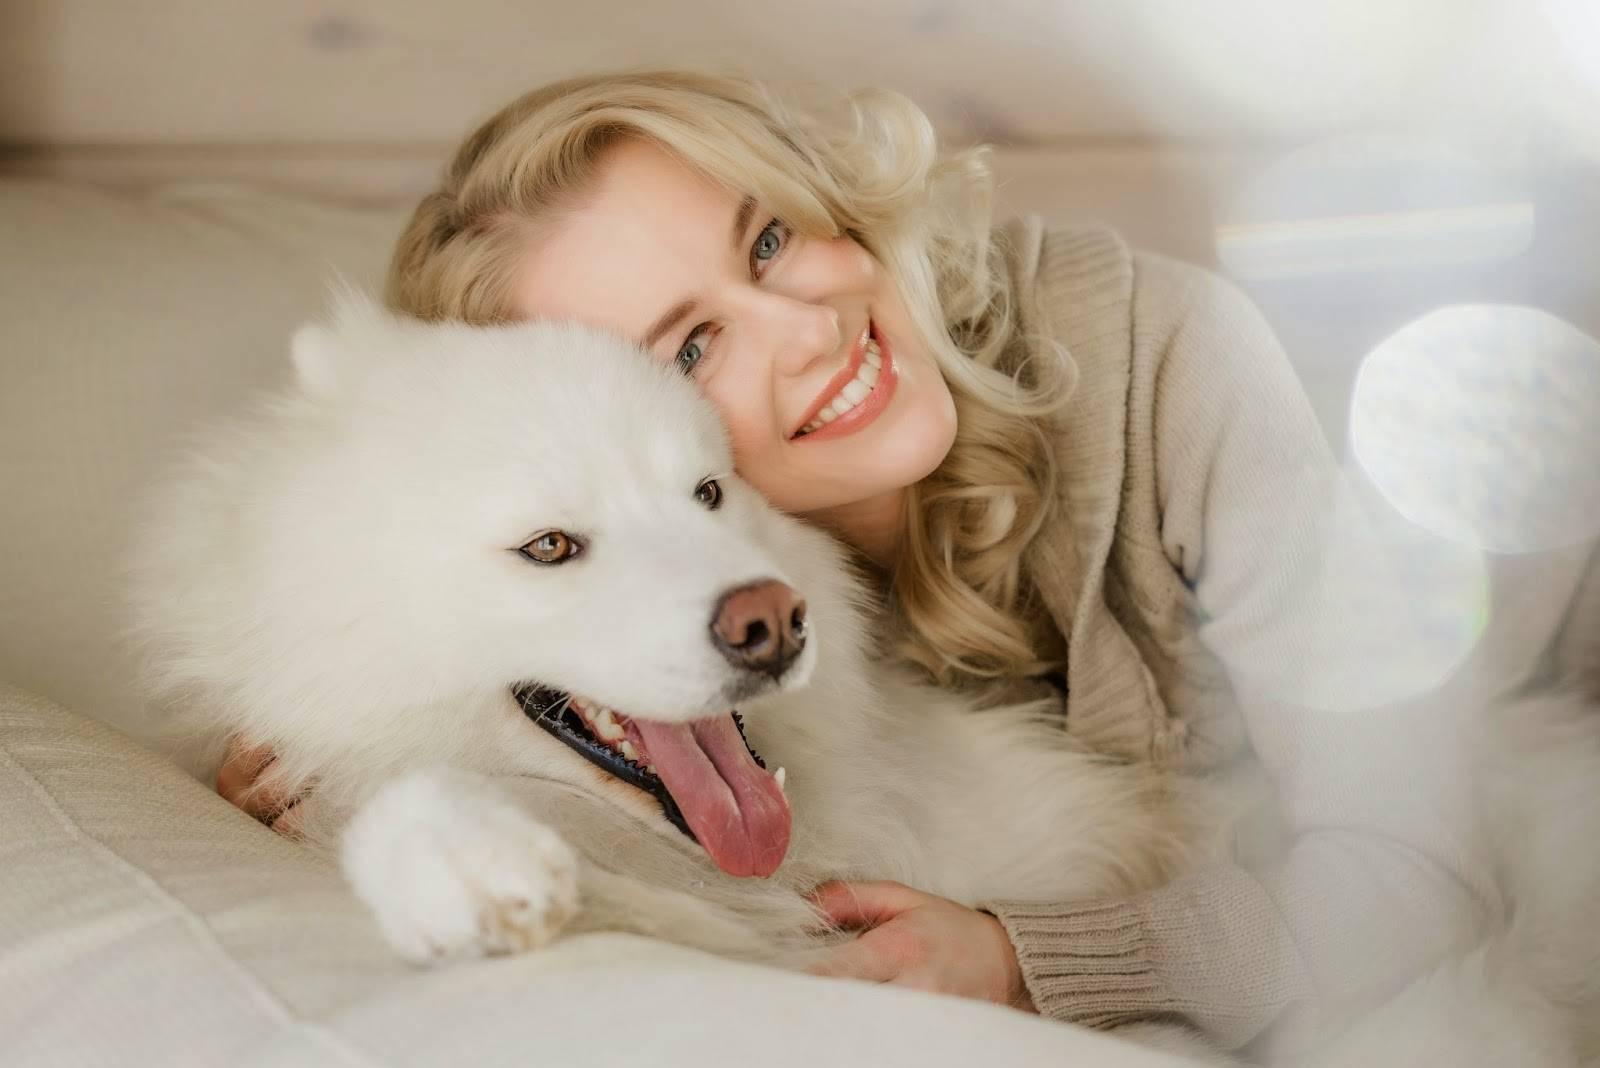 Сонник видеть белую собаку. к чему снится видеть белую собаку видеть во сне - сонник дома солнца